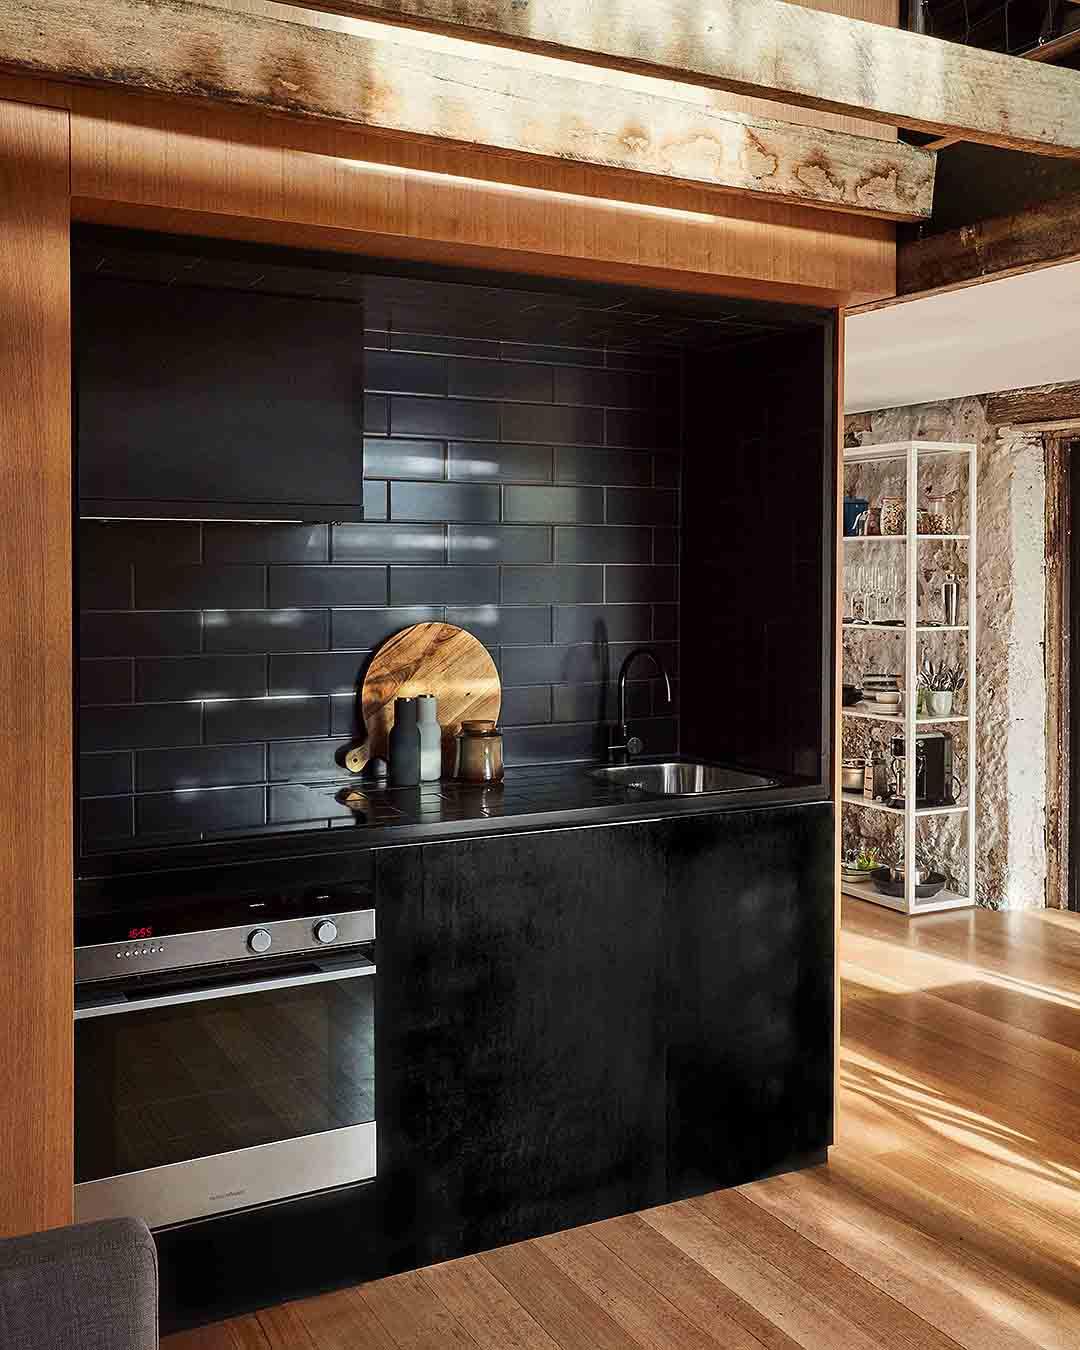 The Barn's kitchen looks sleek.